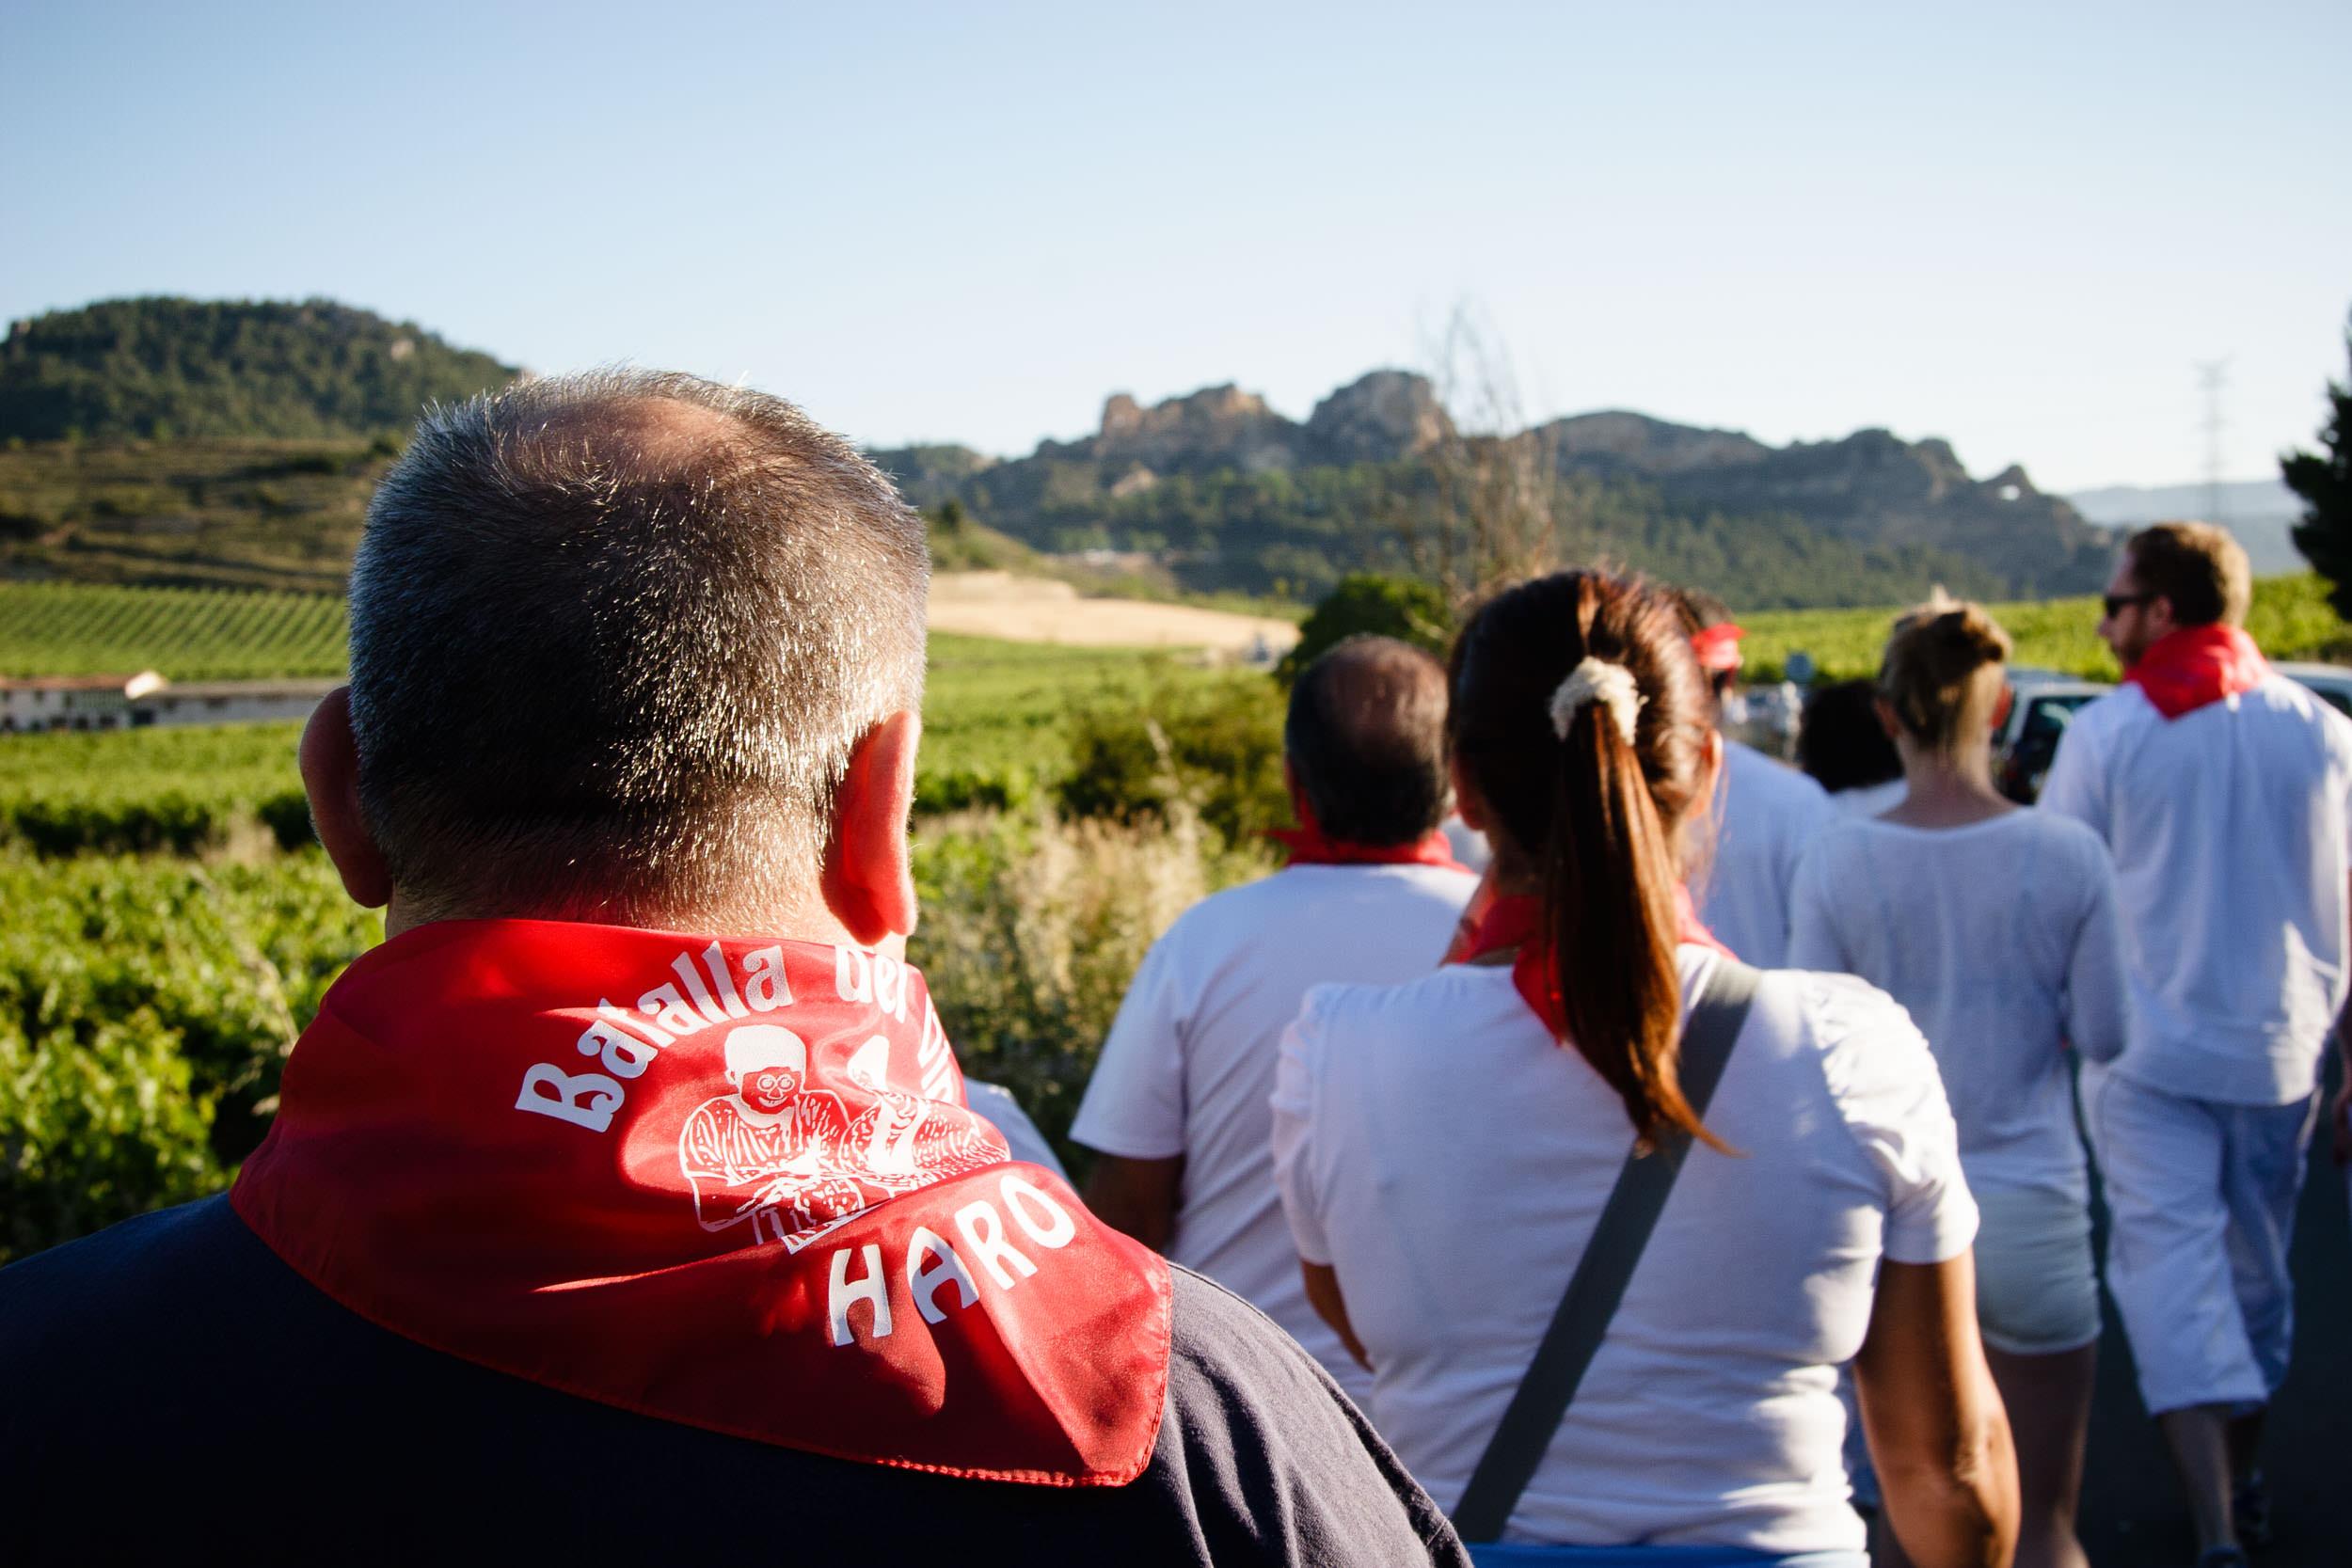 Fotografia Editorial Haro La Rioja España - La Batalla de Vino - James Sturcke Photographer | sturcke.org_002.jpg